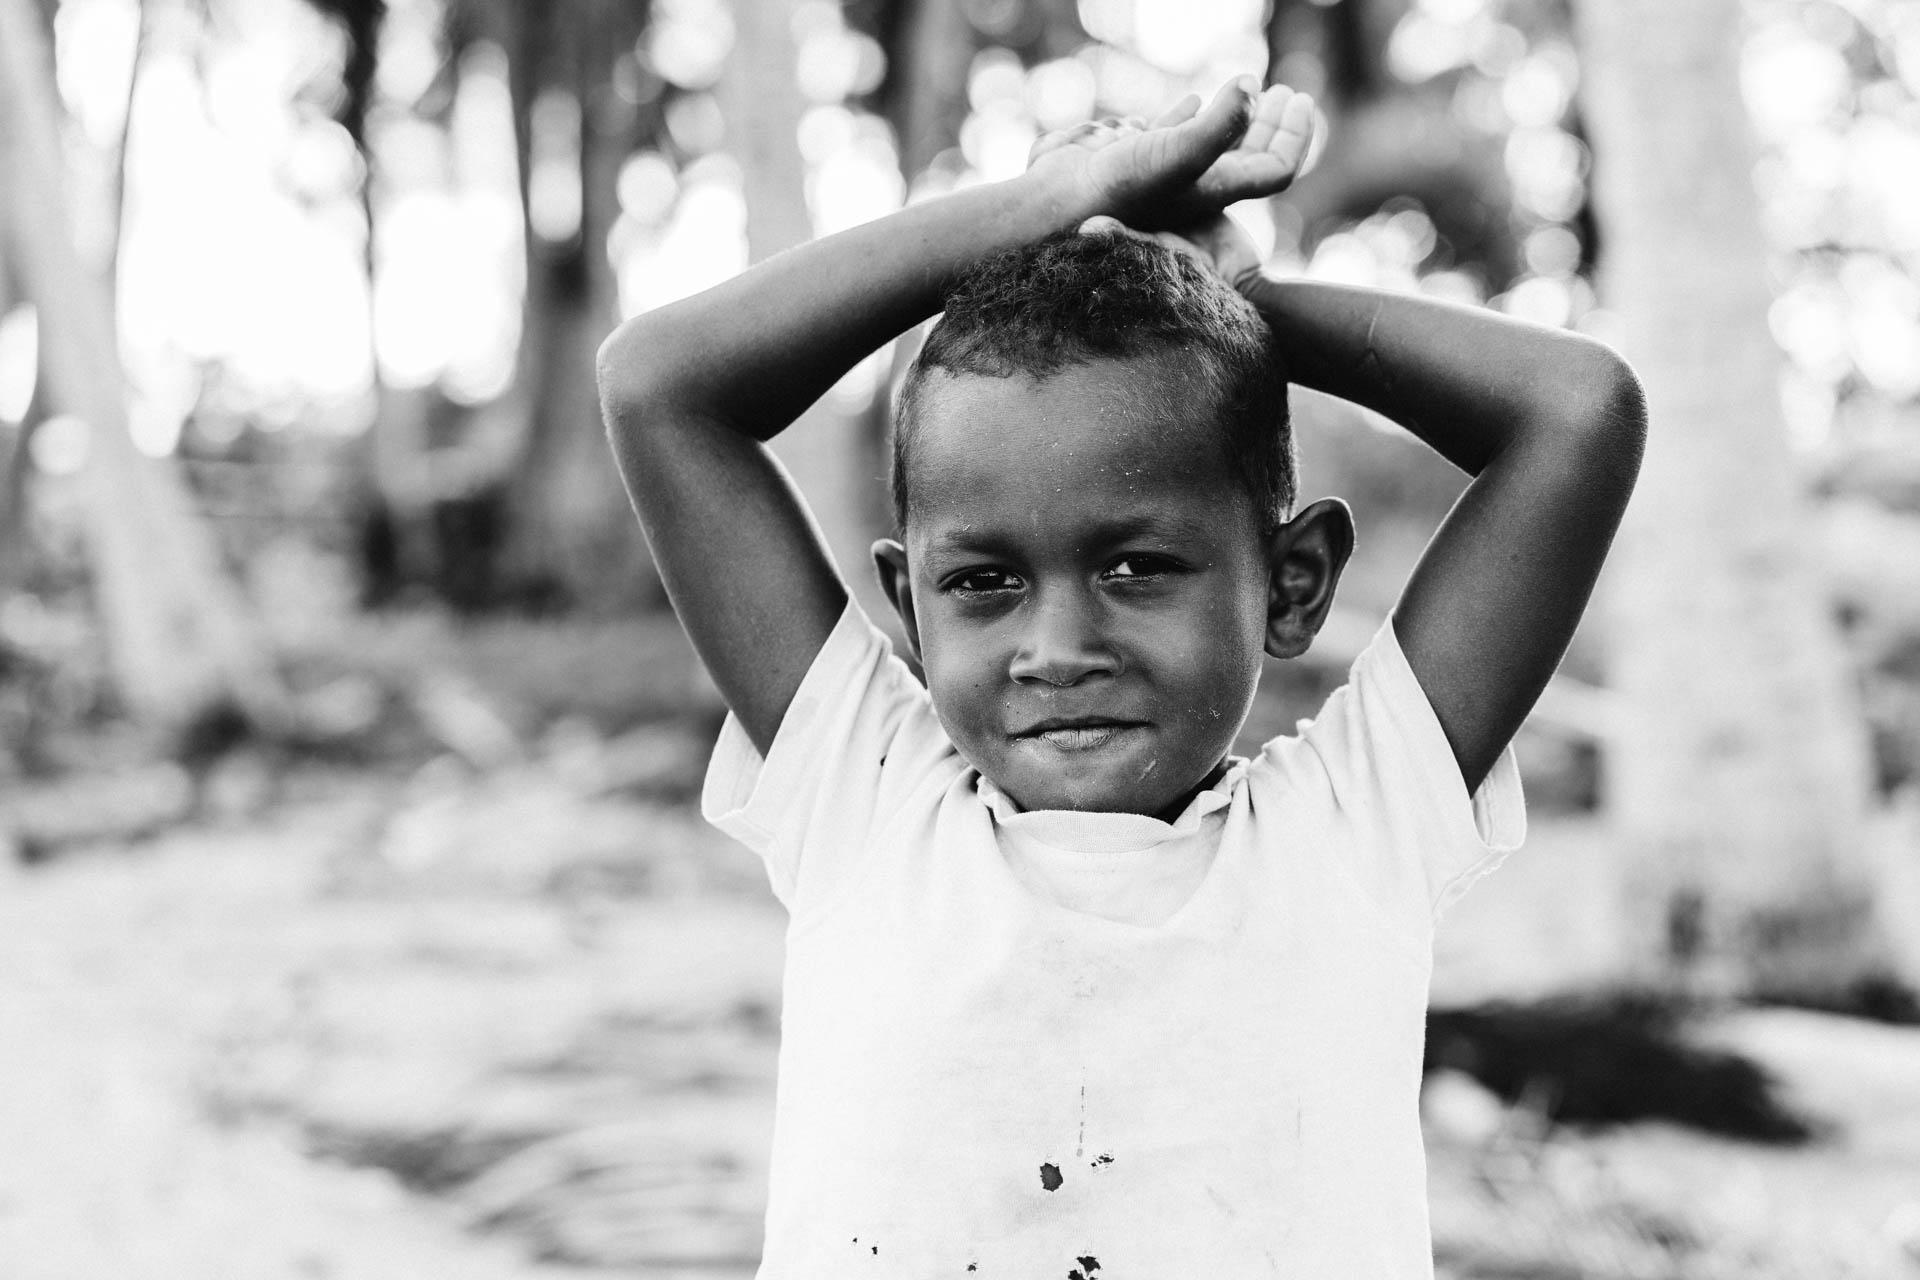 enfant prenant la pose